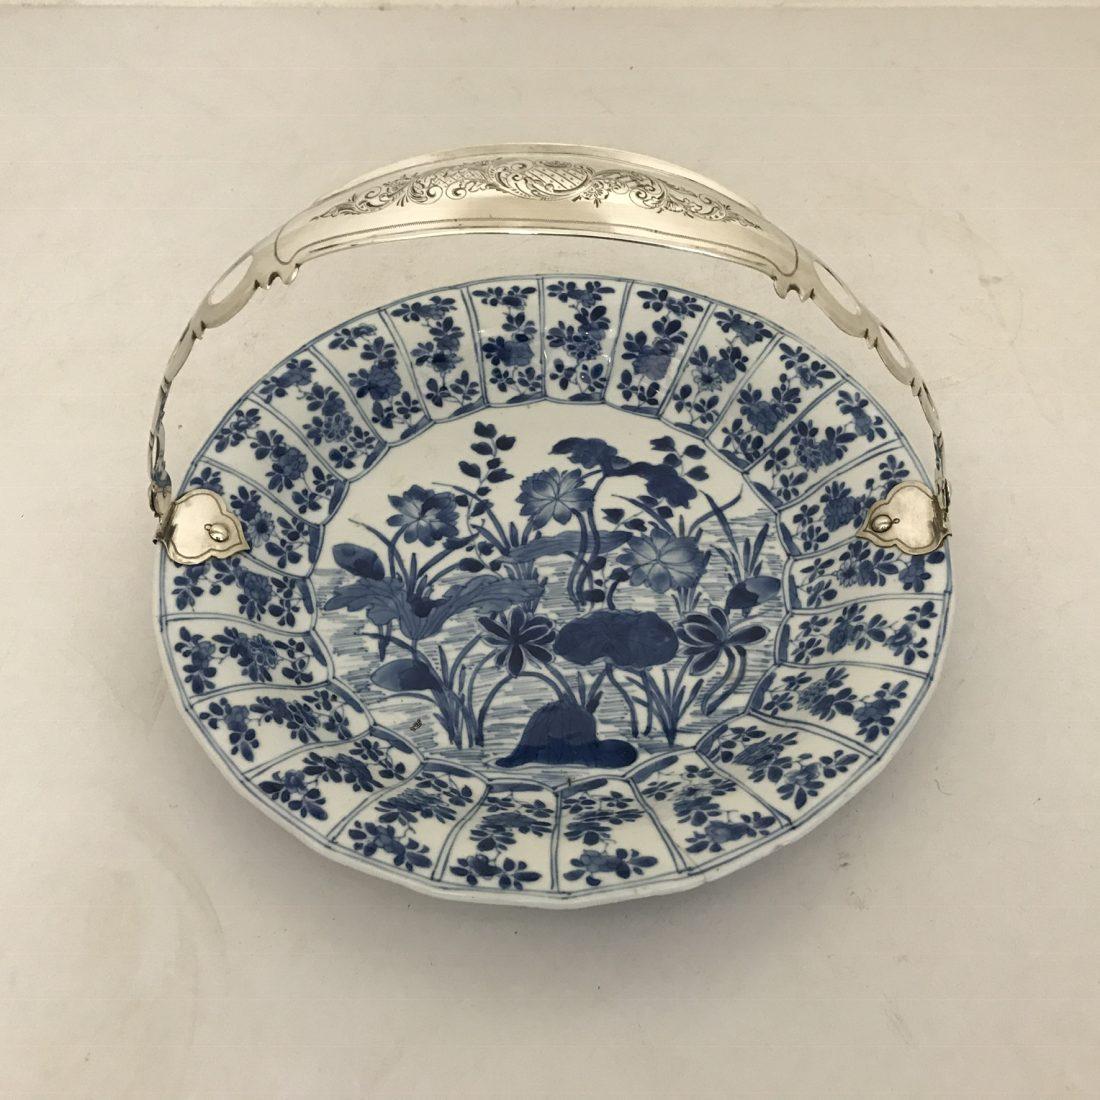 Blauw/wit porseleinen bord met zilveren beugel, China, Kangxi (1662-1722)